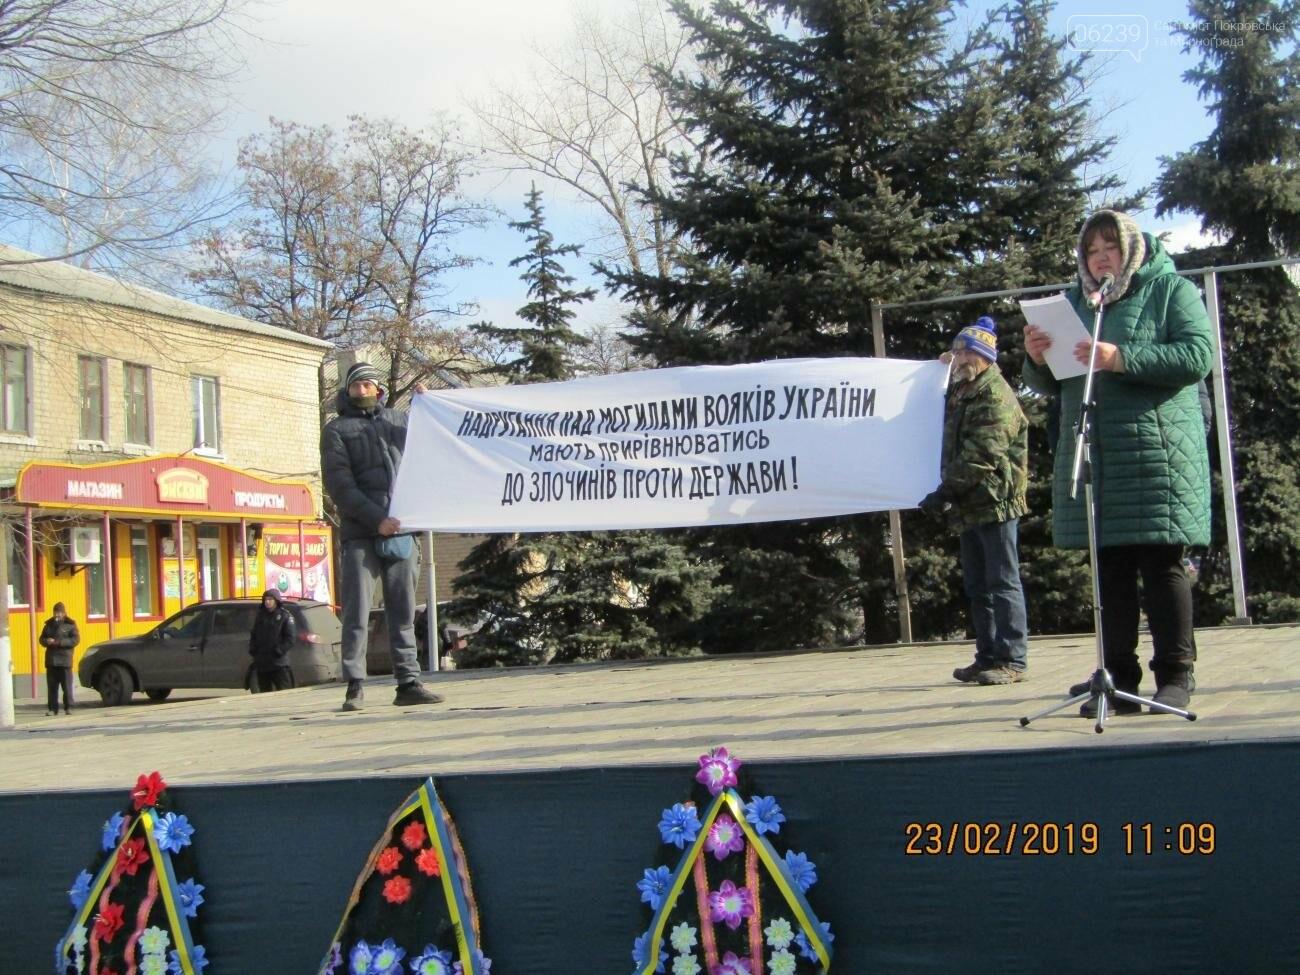 В Родинском провели акцию по чествованию памяти погибших во время АТО и ООС украинских воинов, фото-3